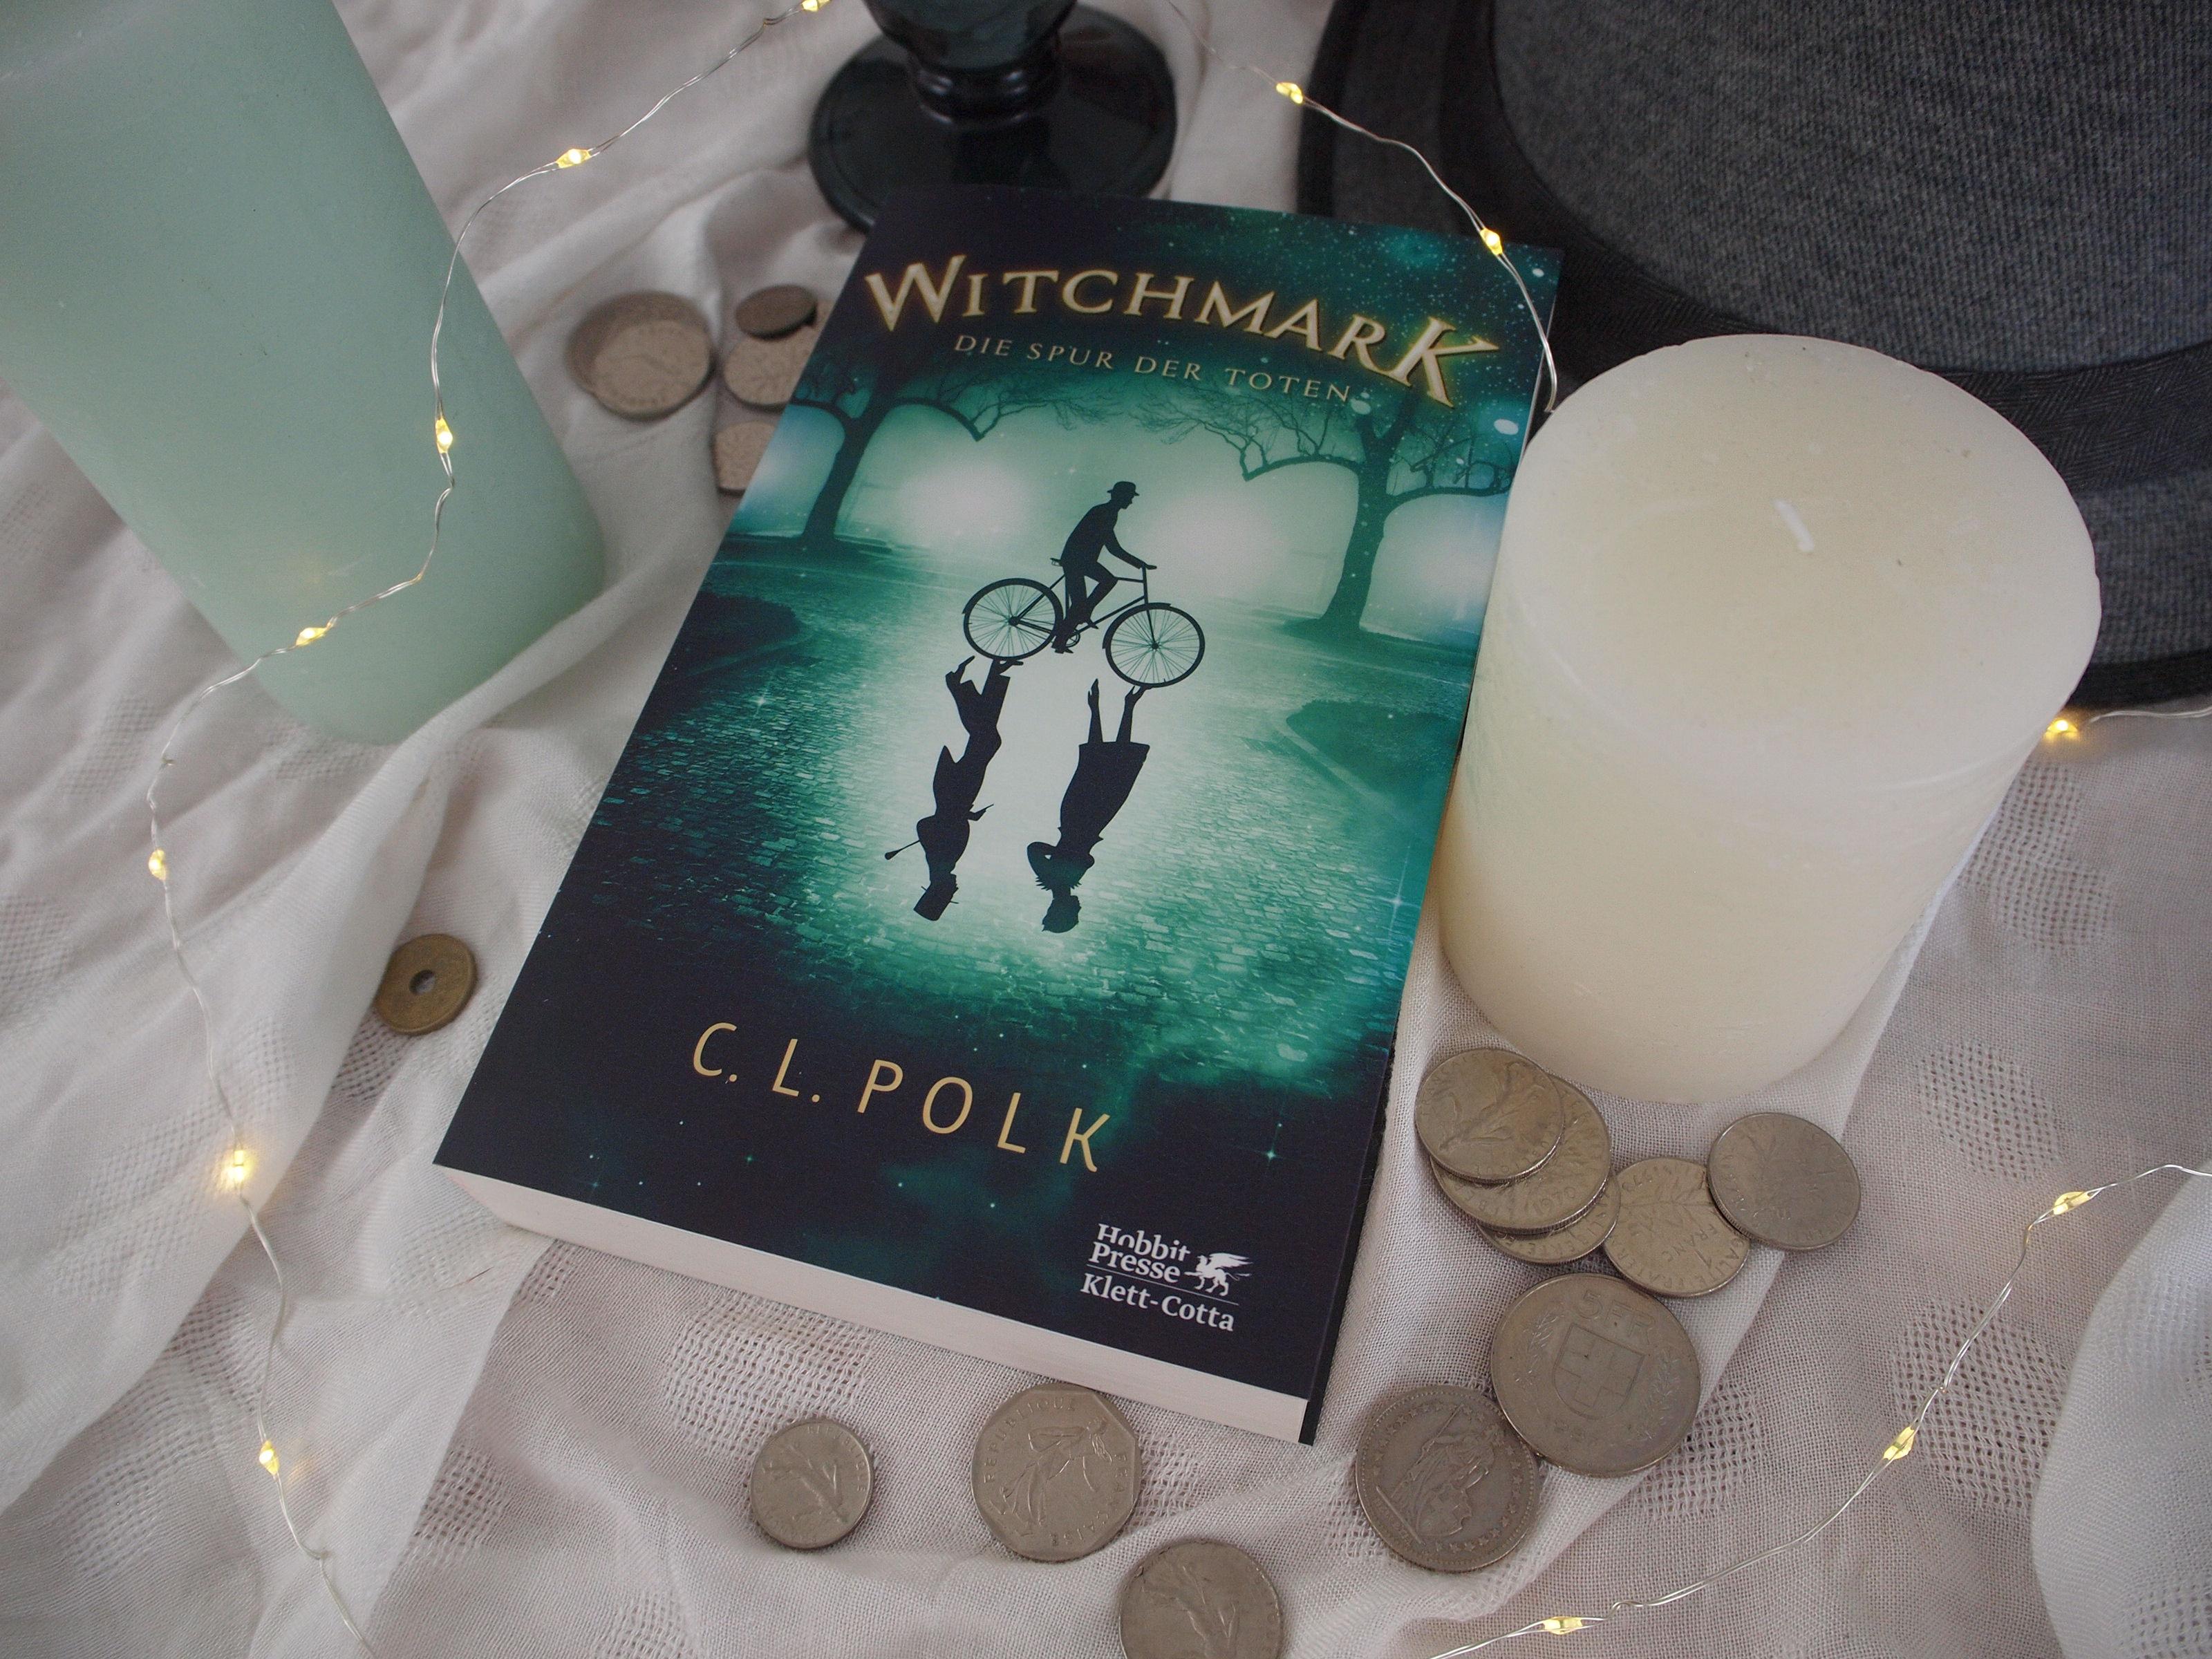 C. L. Polk - Witchmark: Die Spur der Toten